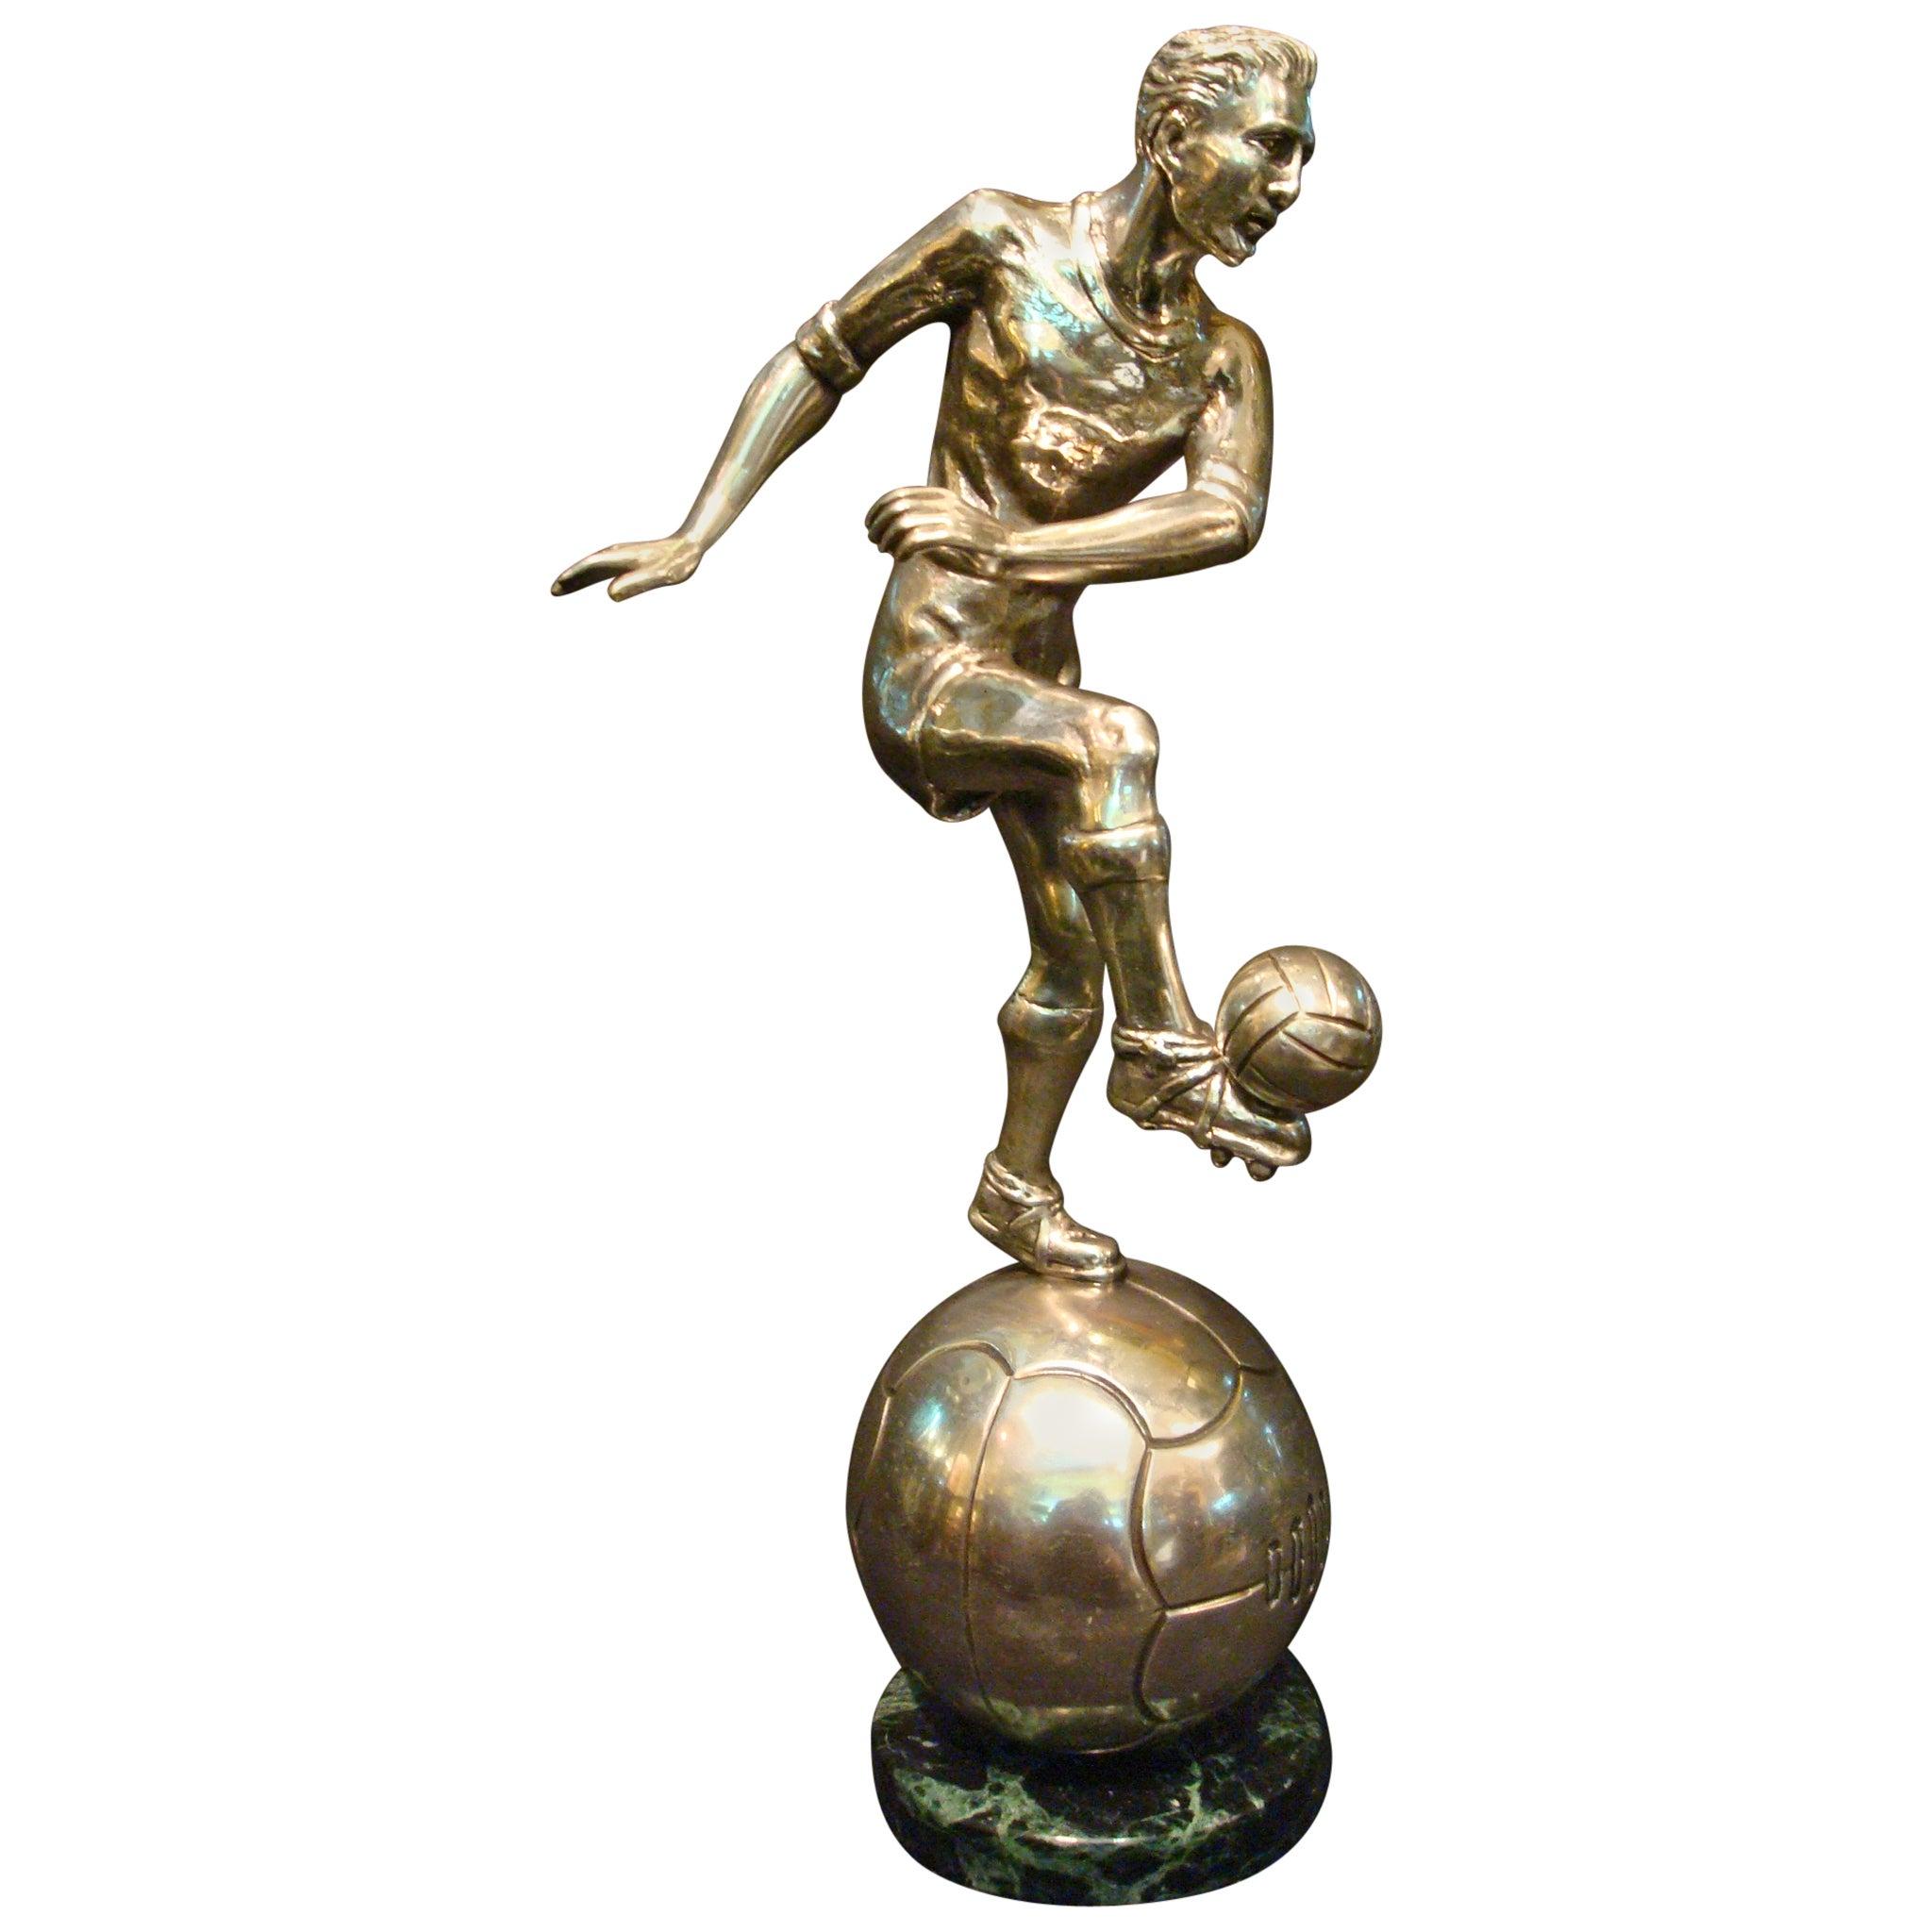 Football / Soccer Trophy Player Italian Bronze Sculpture, 1930s